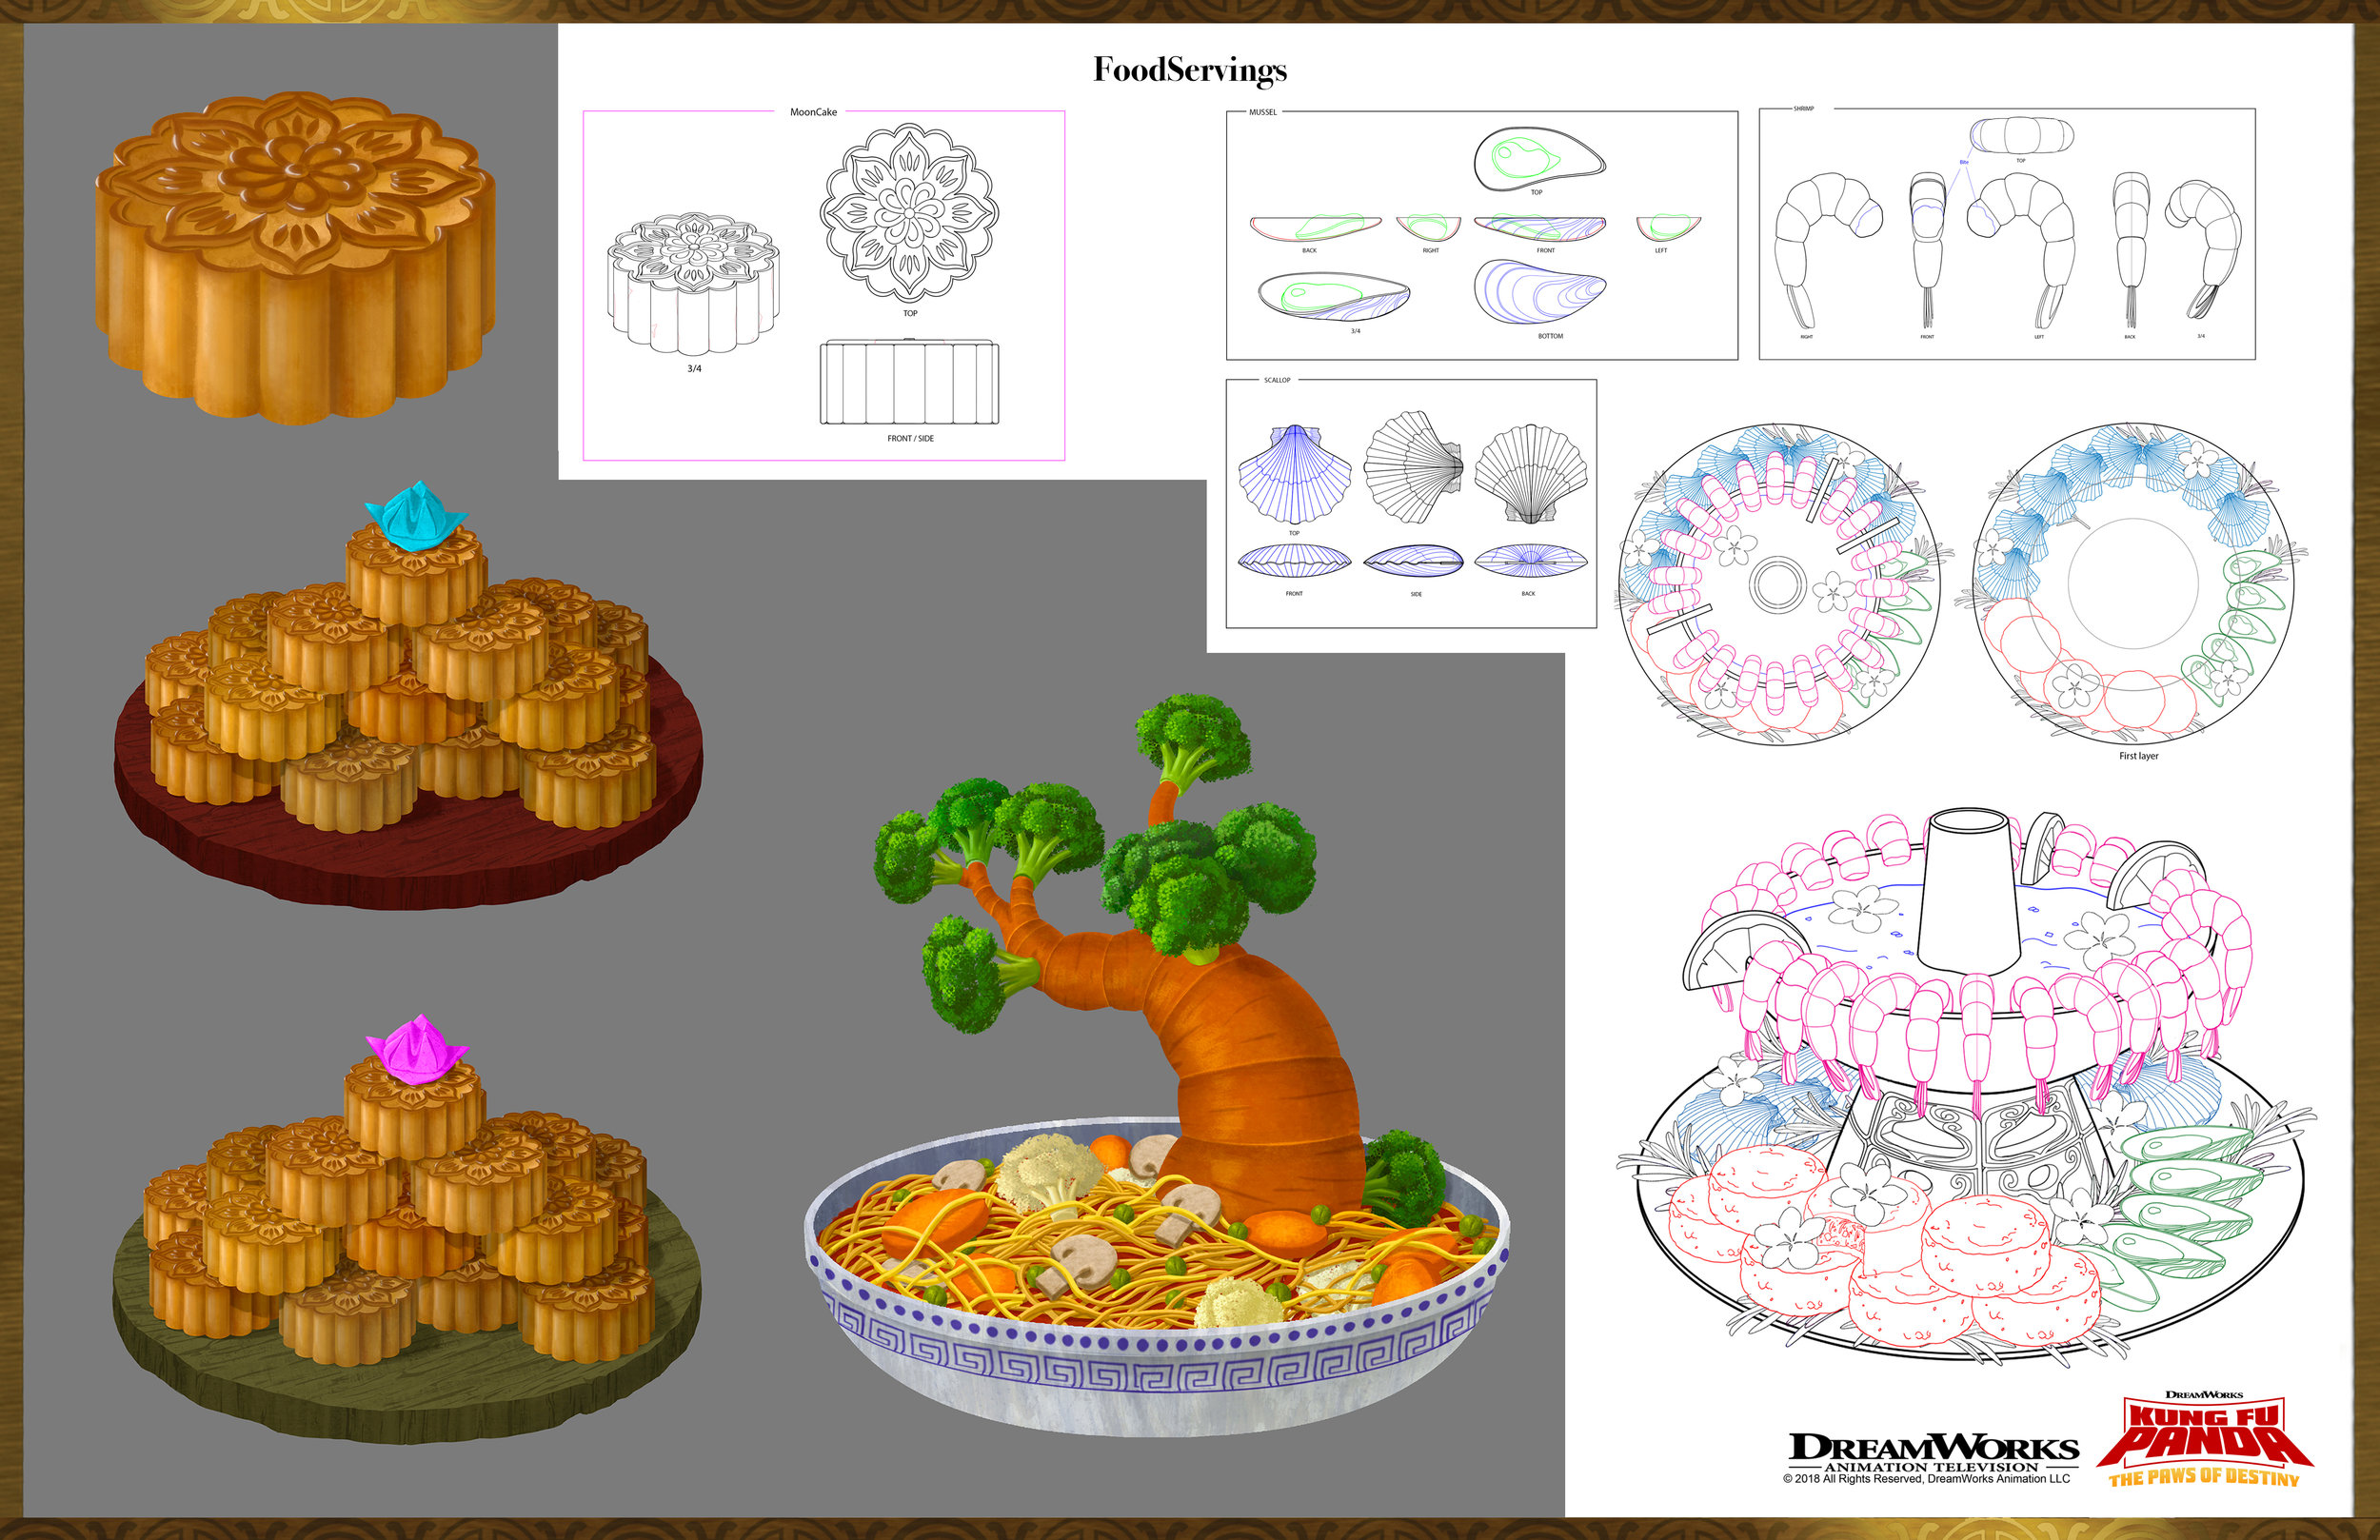 KFV_FoodServings_Final_PP.jpg